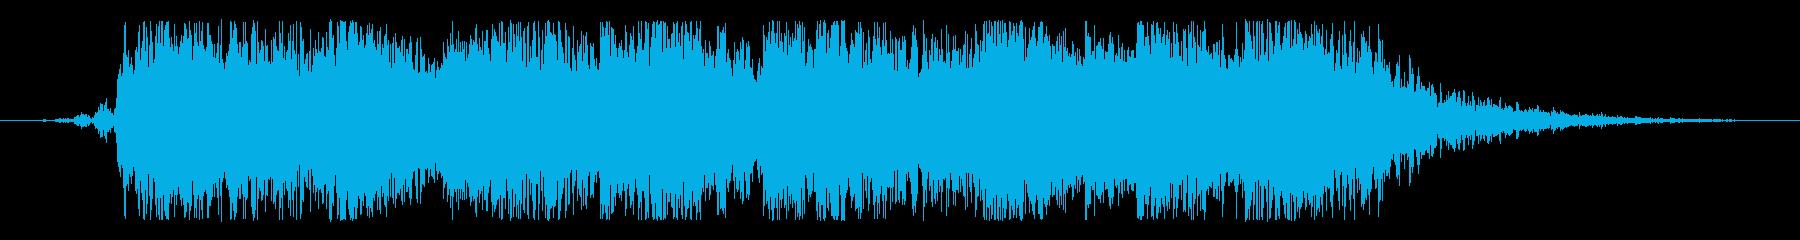 エキサイティングなサウンドロゴの再生済みの波形